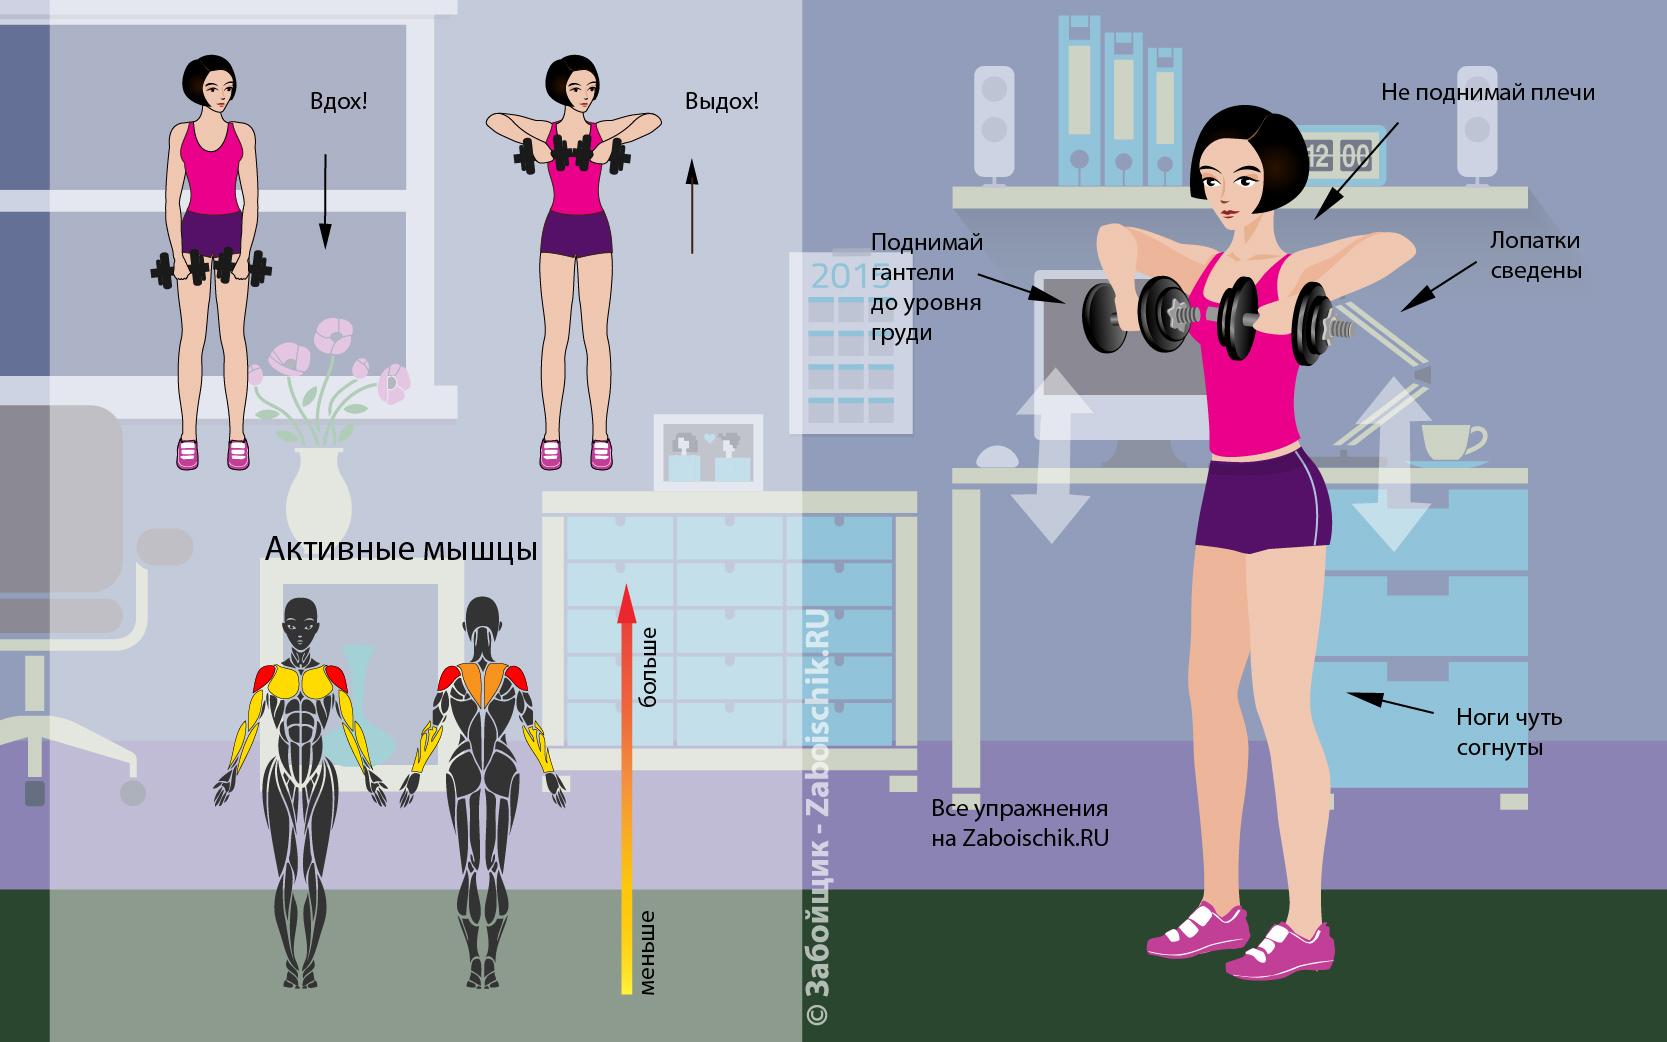 упражнения для наращивания веса дома в картинках первом